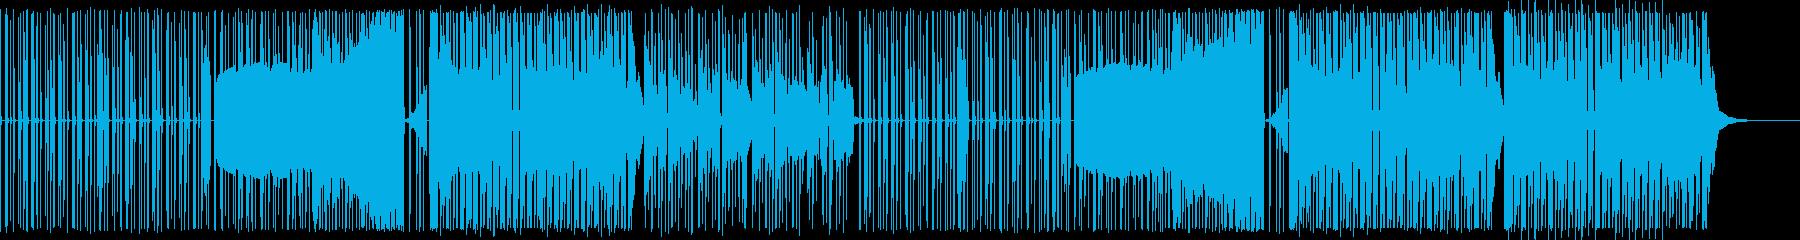 チップチューンハウス/元気一杯なゲーム風の再生済みの波形